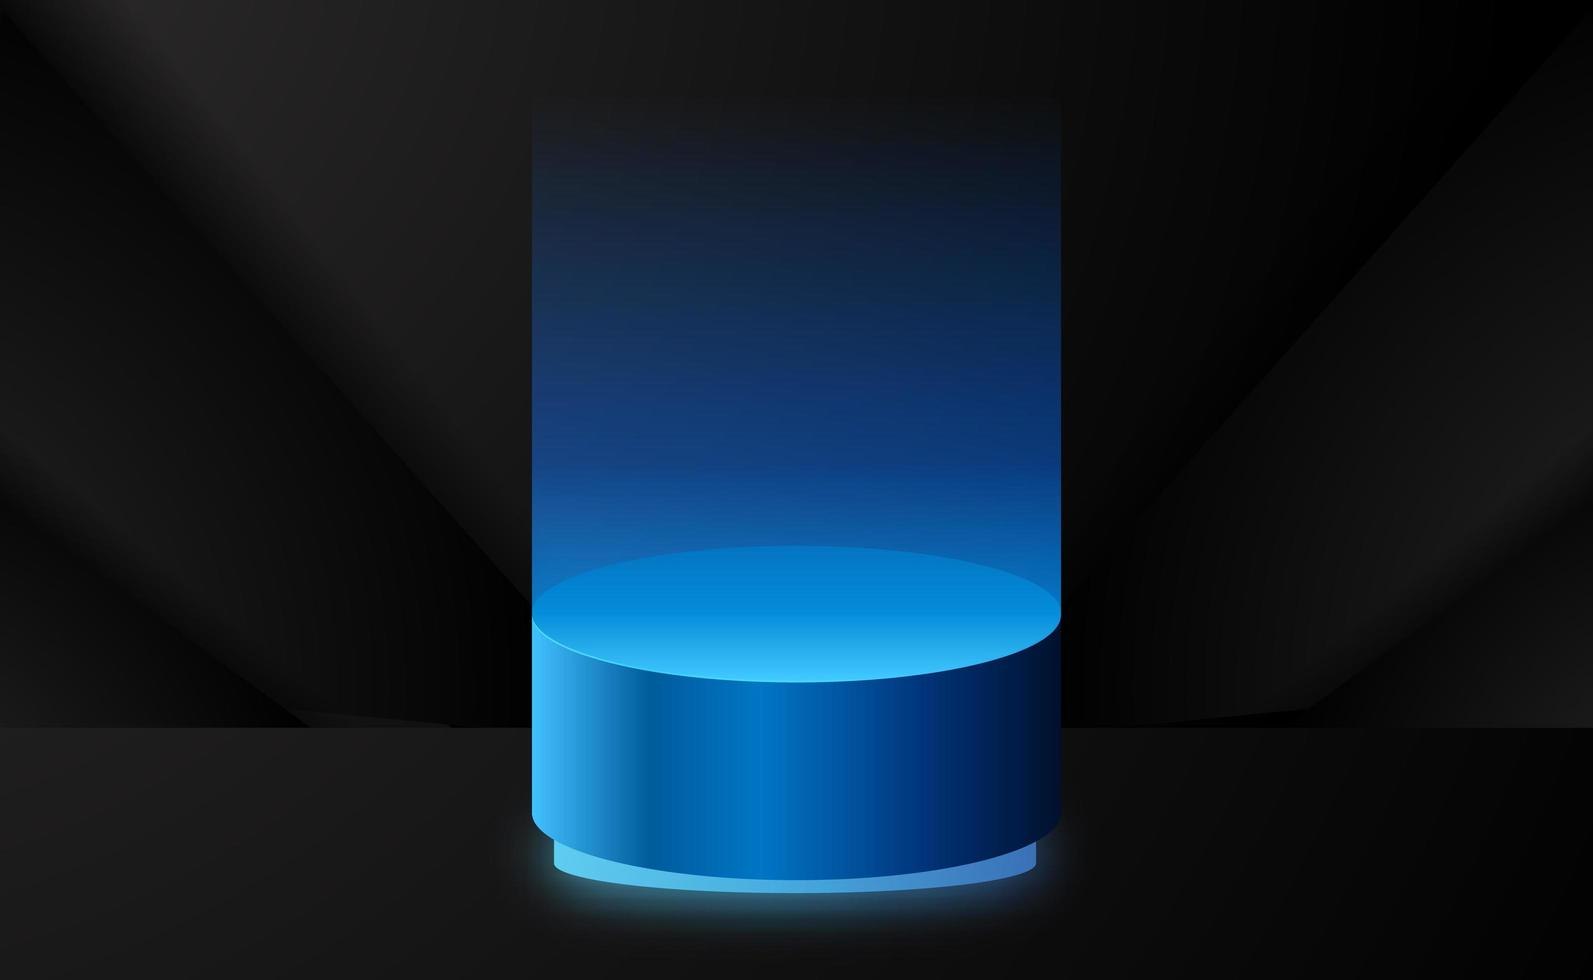 elegante exposição de produtos para palco com pedestal vetor